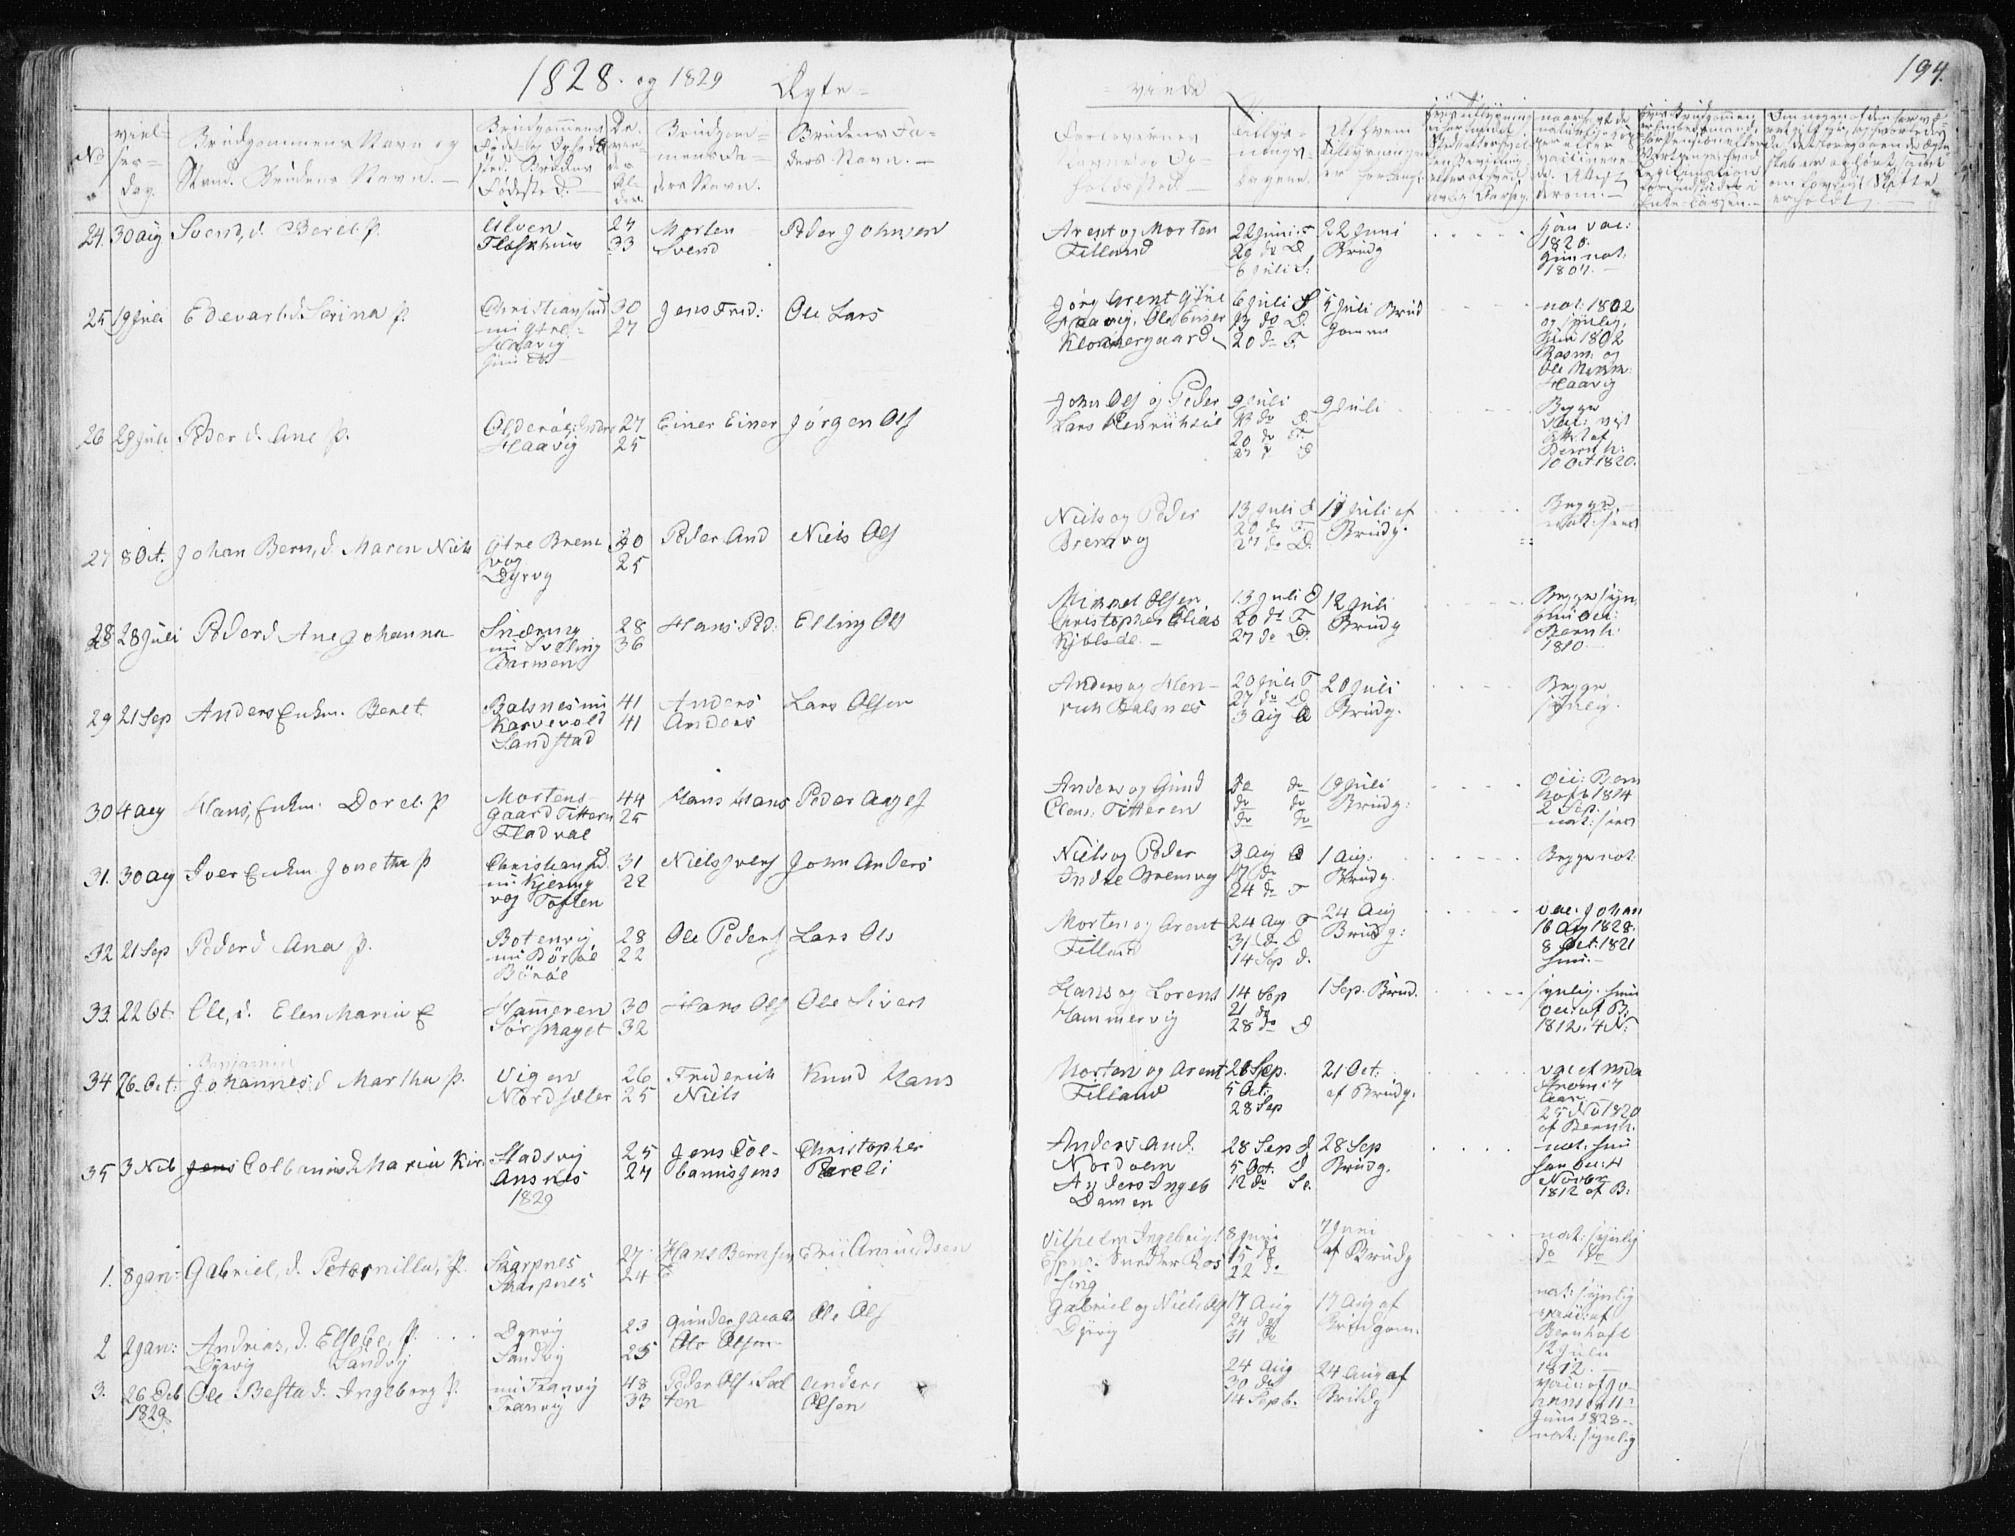 SAT, Ministerialprotokoller, klokkerbøker og fødselsregistre - Sør-Trøndelag, 634/L0528: Ministerialbok nr. 634A04, 1827-1842, s. 194